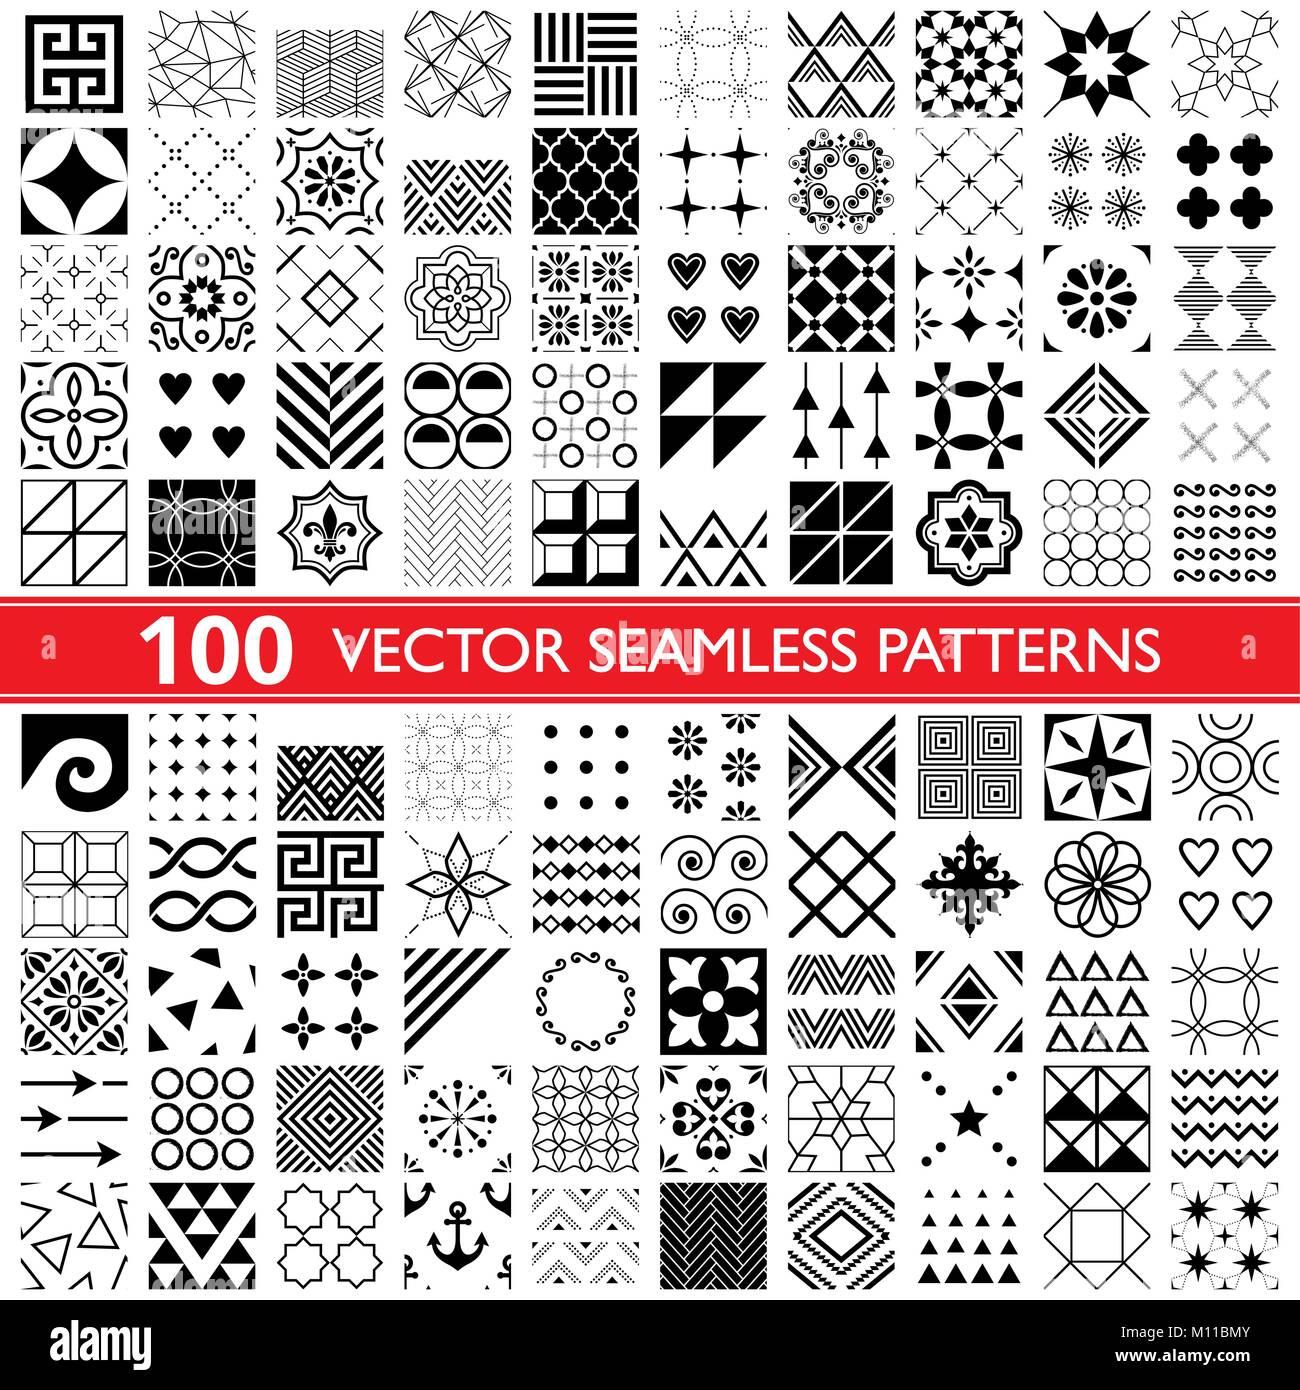 Fantastisch 100 Vector Nahtlose Muster Sammlung, Geometrische Universelle Muster,  Fliesen Und Tapeten   Big Pack